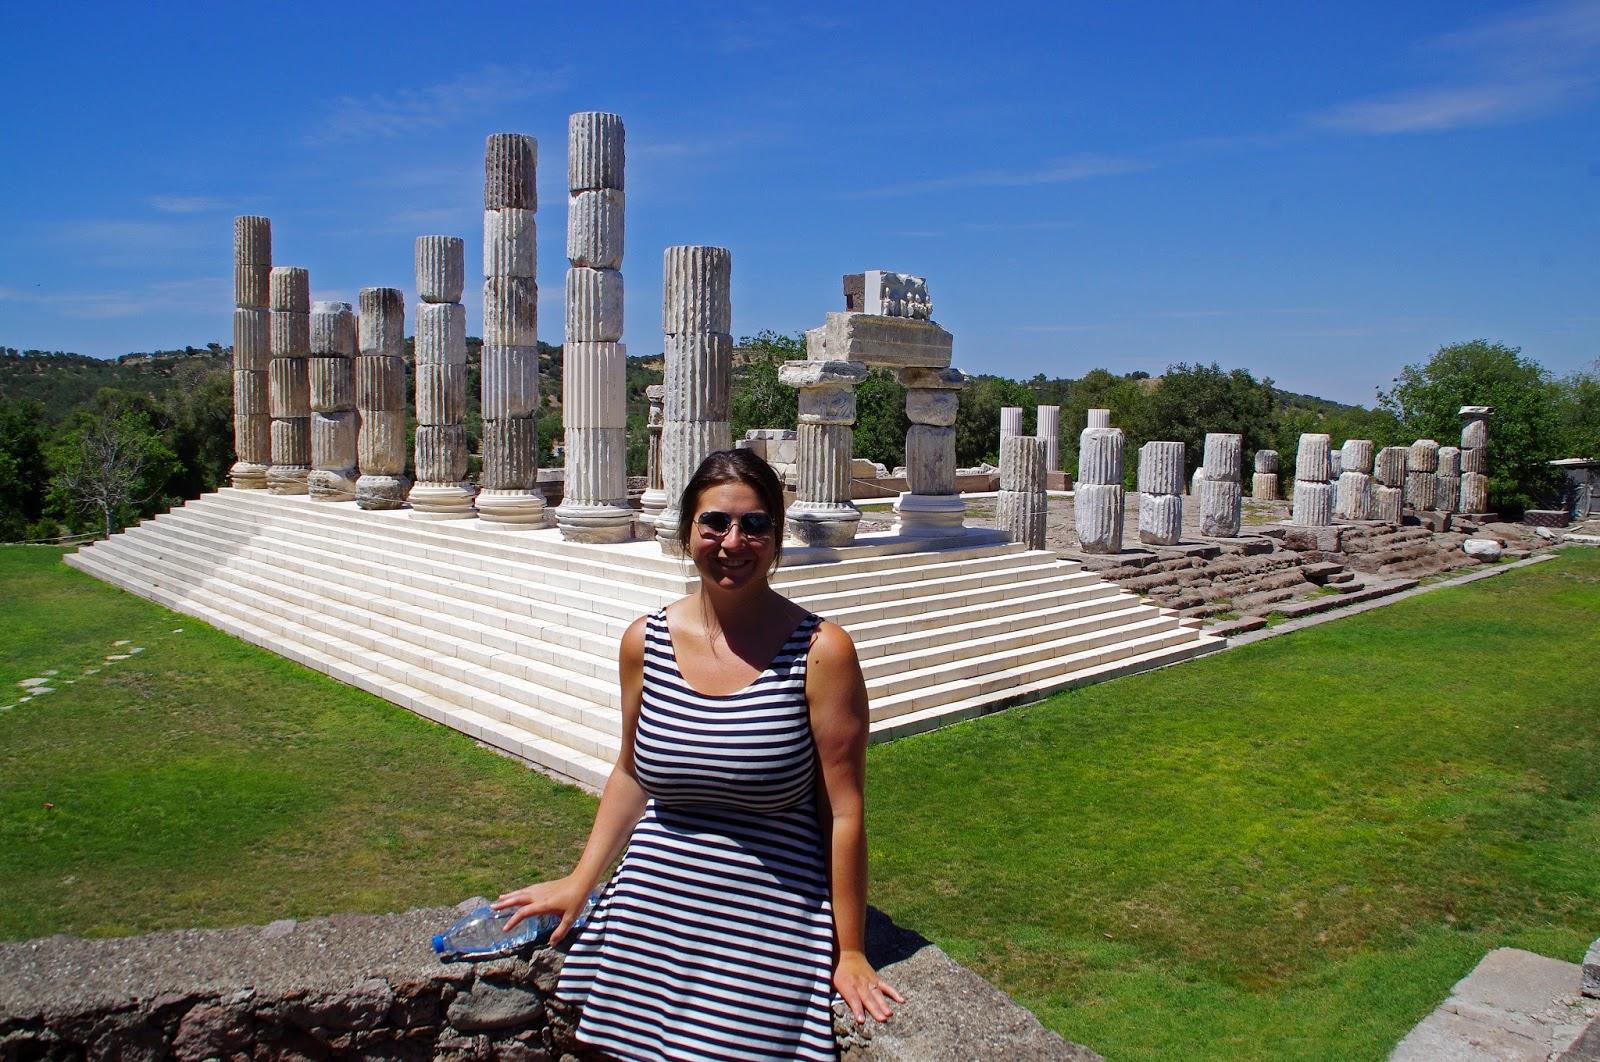 Simone at Apollon Symintheion ruins